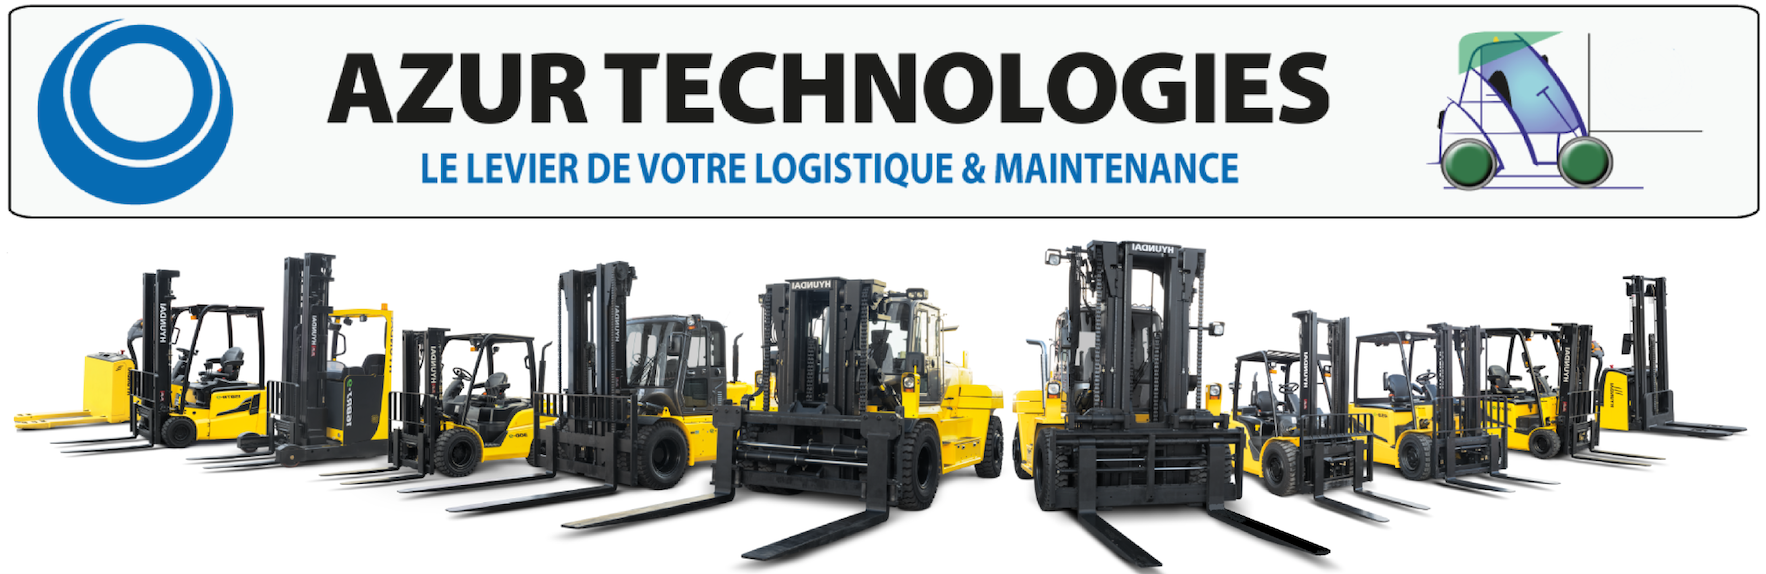 Azur Technologies, vente/achat/location/entretien de matériels de manutention et travaux publics